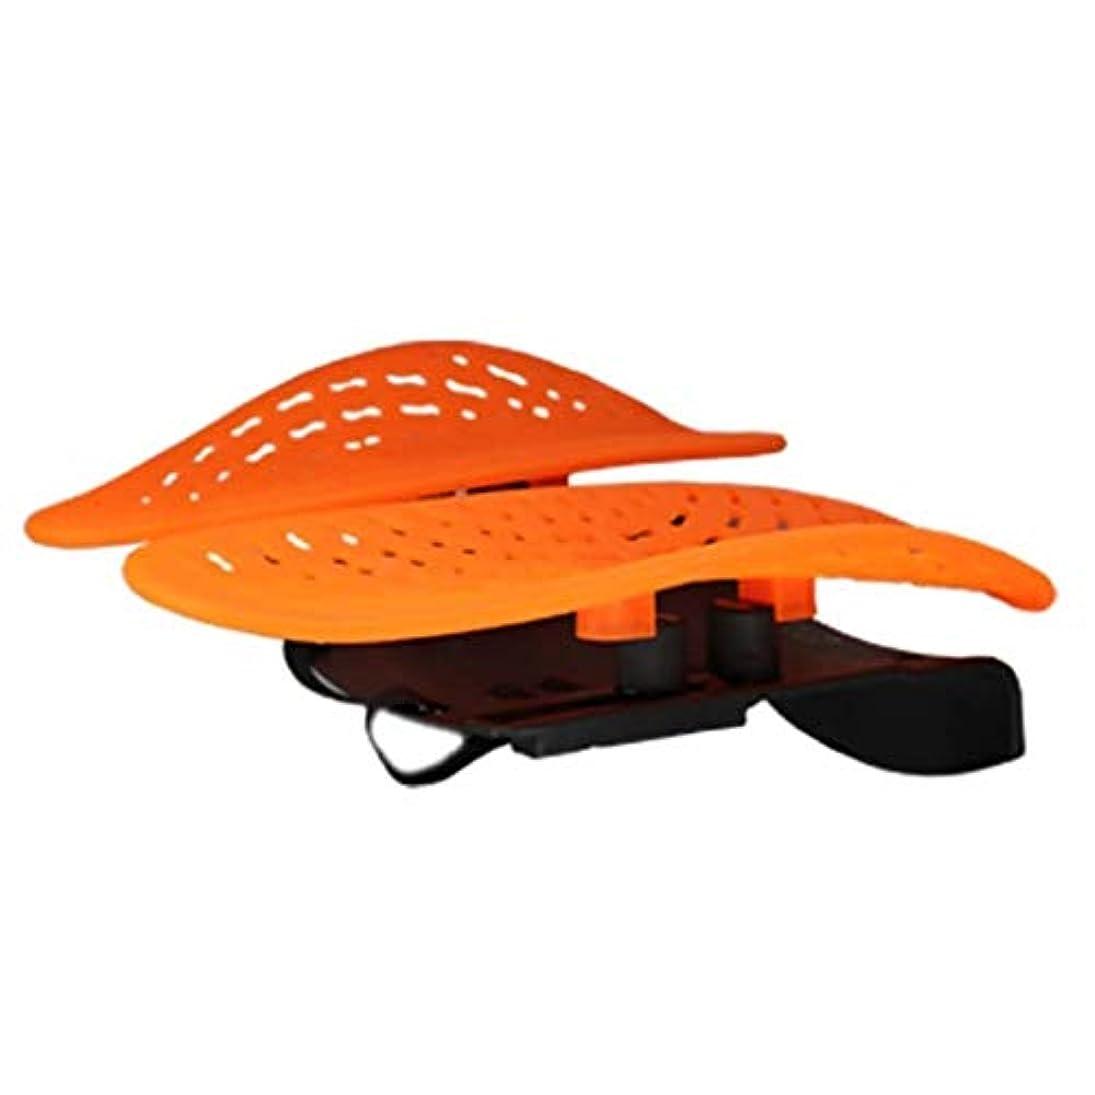 豪華な南アメリカ荒らすウエストマッサージャー、腰椎サポートパッド、アイスシルクバックサポートパッド、ホーム/オフィスチェアや車に適し、背中の痛みを和らげる (Color : オレンジ)